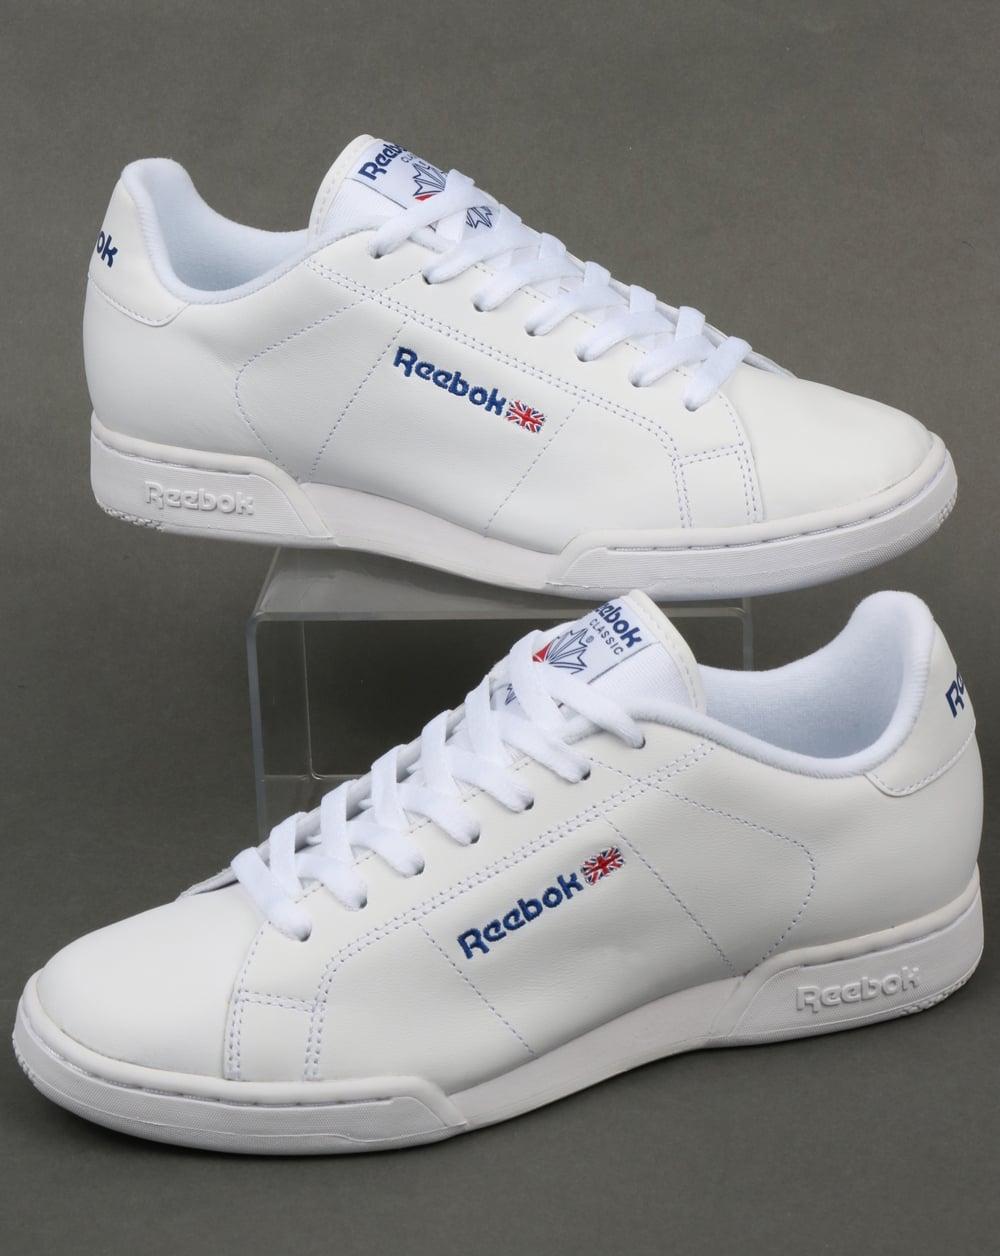 7940370067e6b Reebok Reebok NPC II Trainers White White